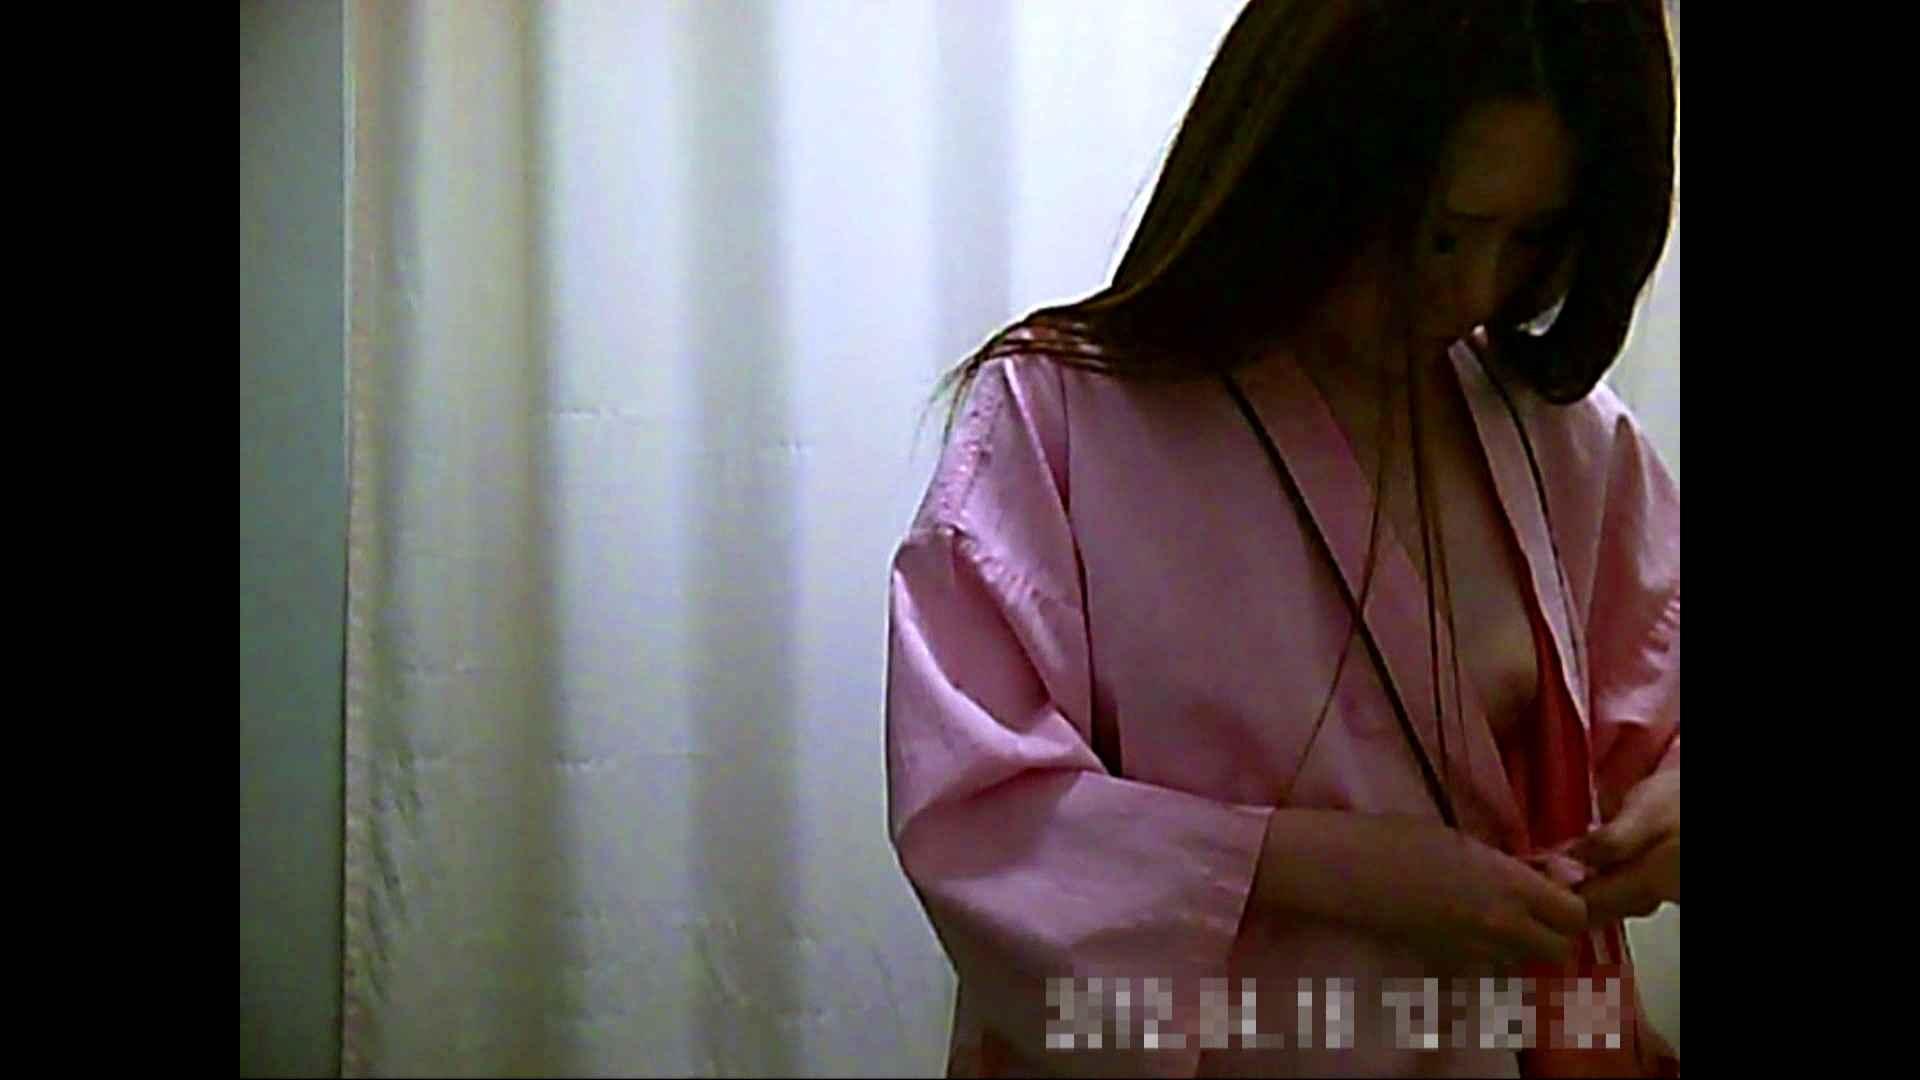 元医者による反抗 更衣室地獄絵巻 vol.015 ギャル攻め エロ画像 89画像 50